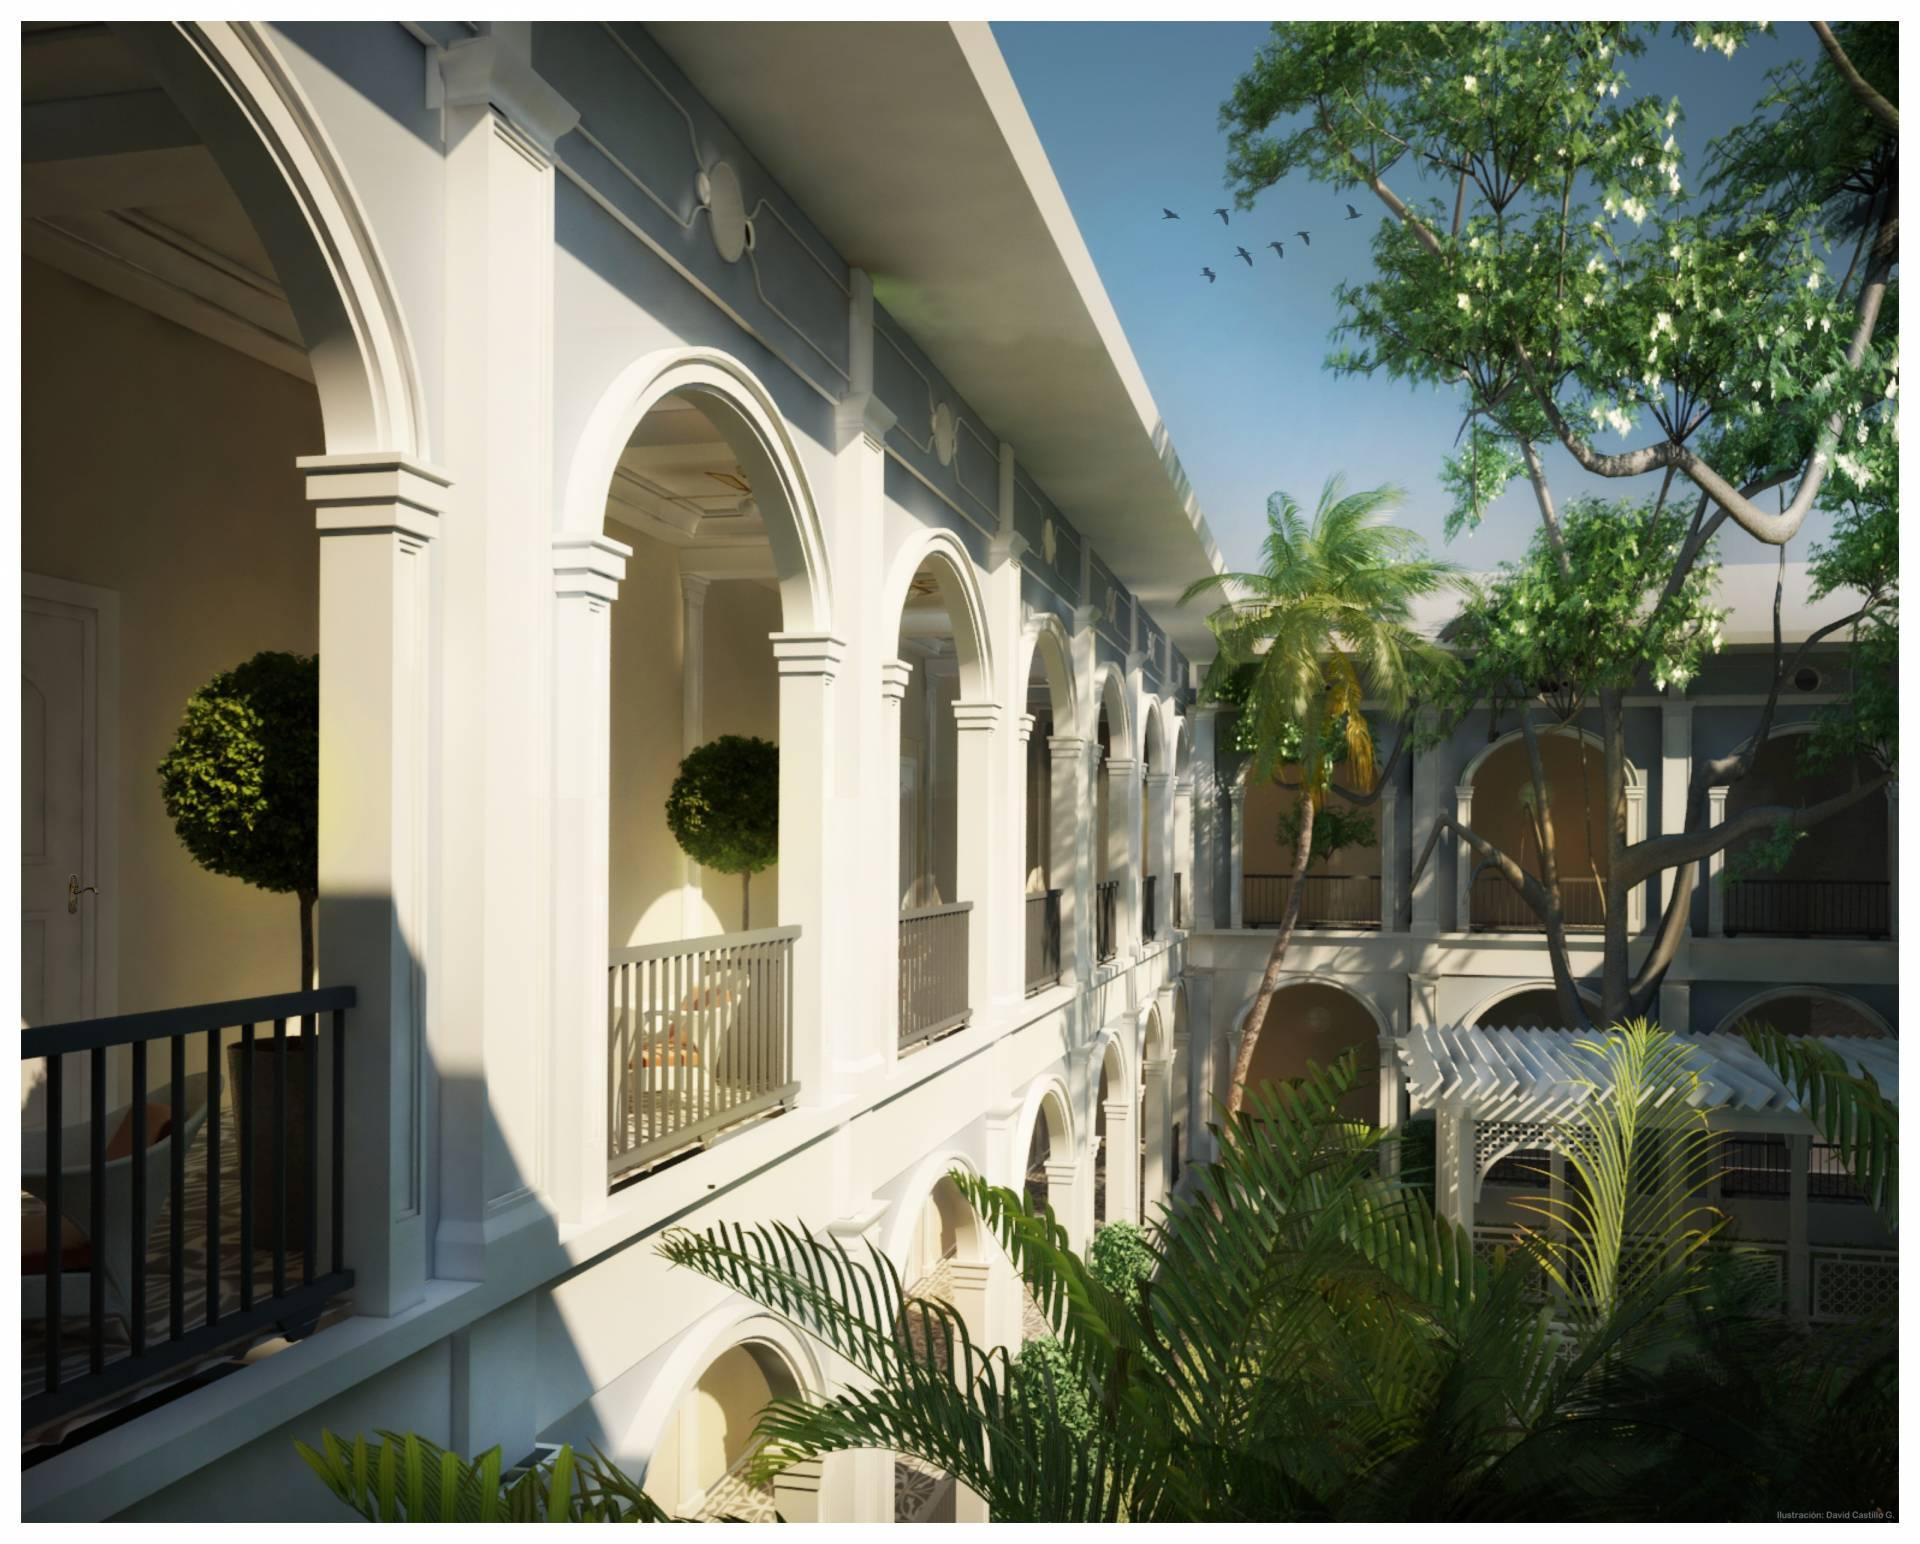 Blick zum Innenhof im Hotel Parque - Ecuador & Galapagos Luxus-Reisen